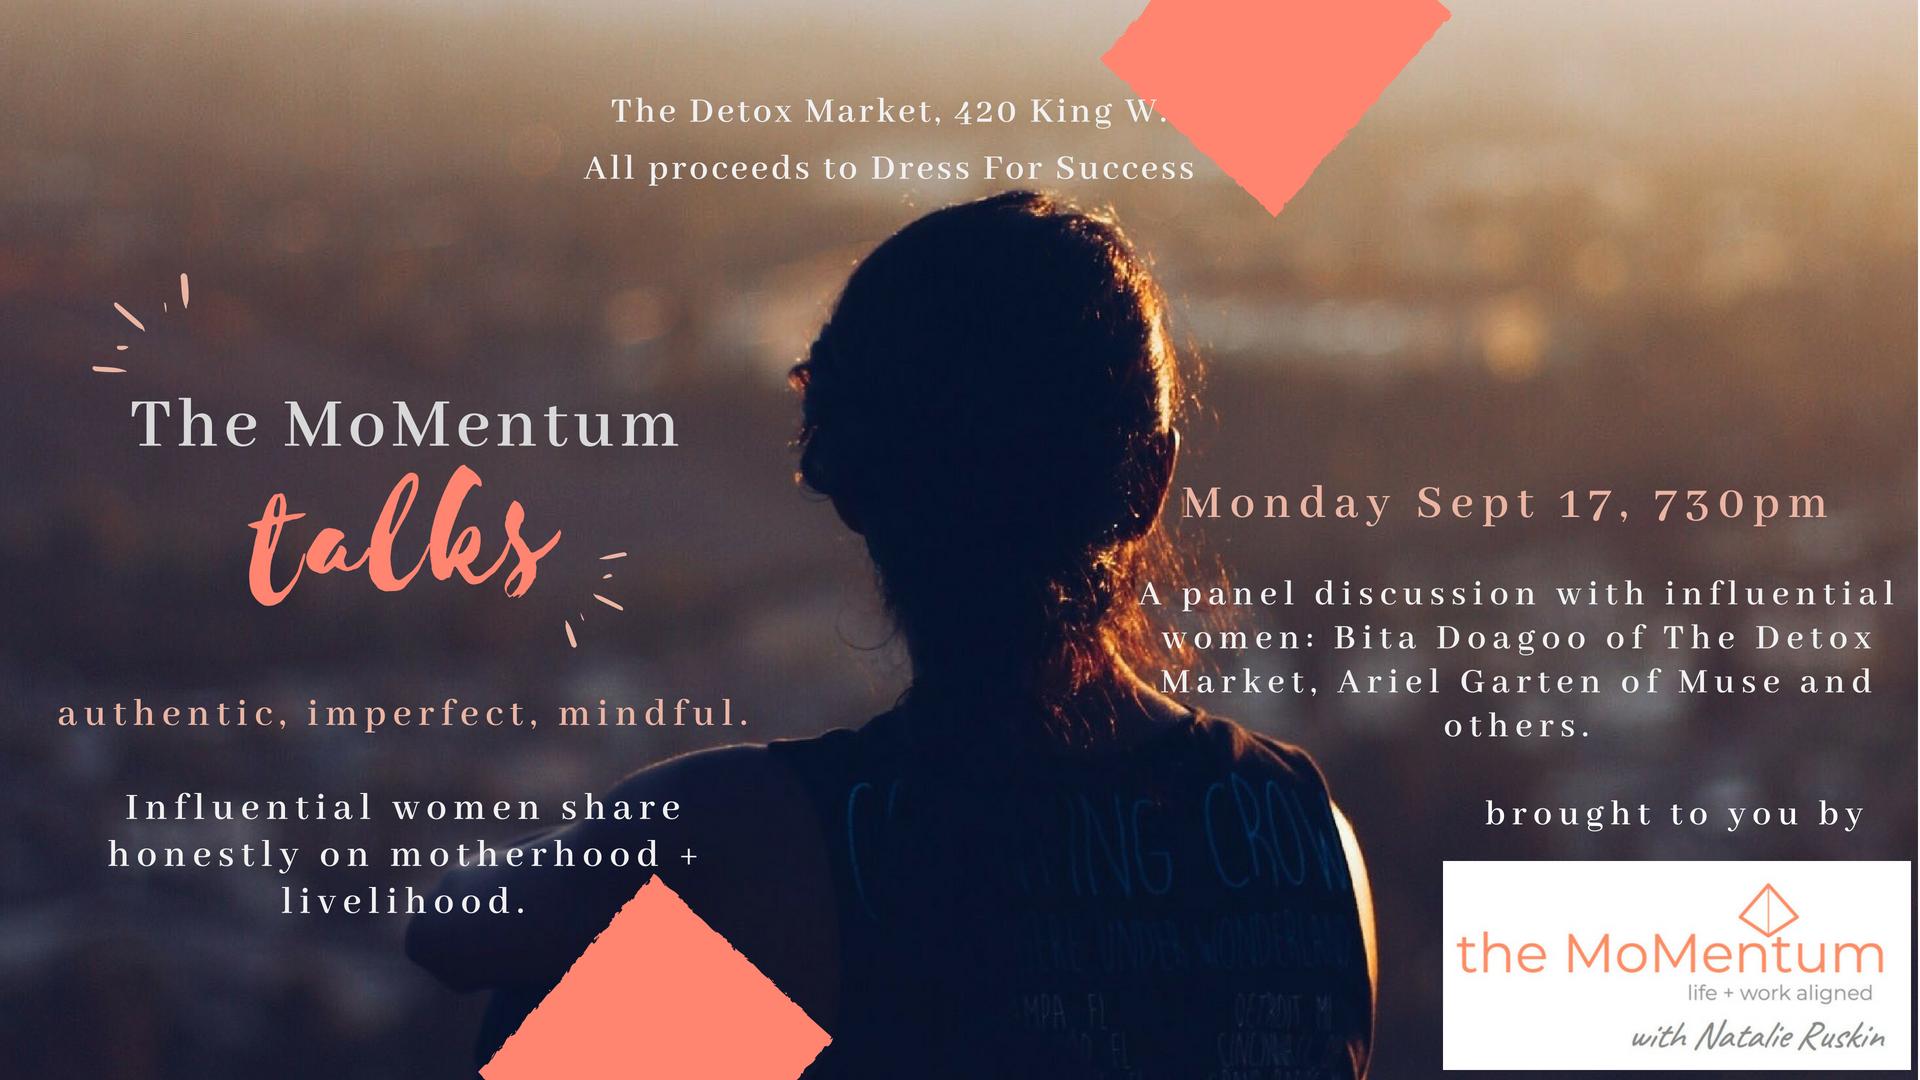 poster for Natalie Ruskin MoMentum Talks Event on Mon 17 Sept 2018.png